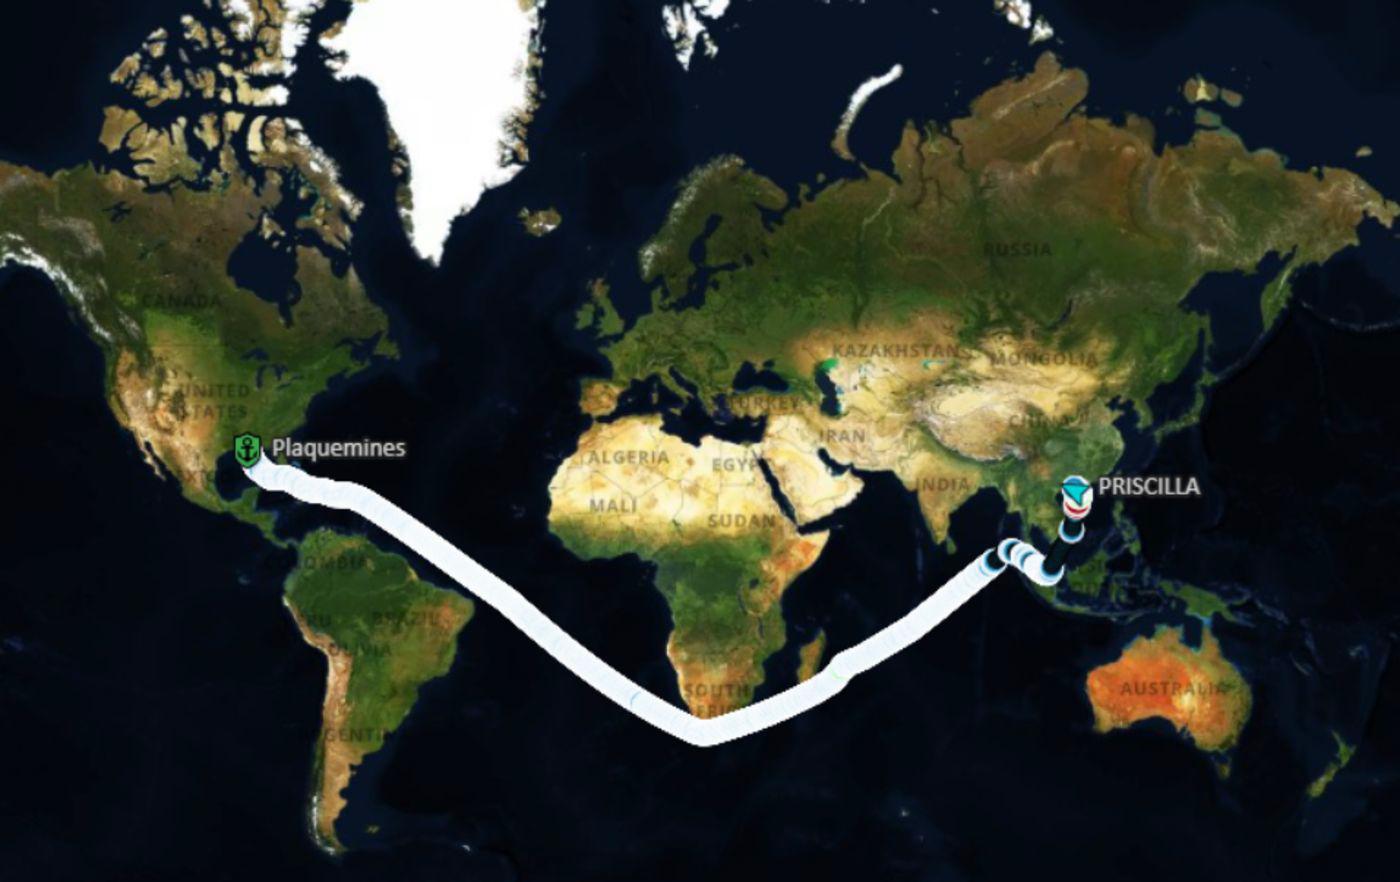 Trung Quốc ồ ạt nhập khẩu ngô khiến cảng biển tắc cứng - Ảnh 1.